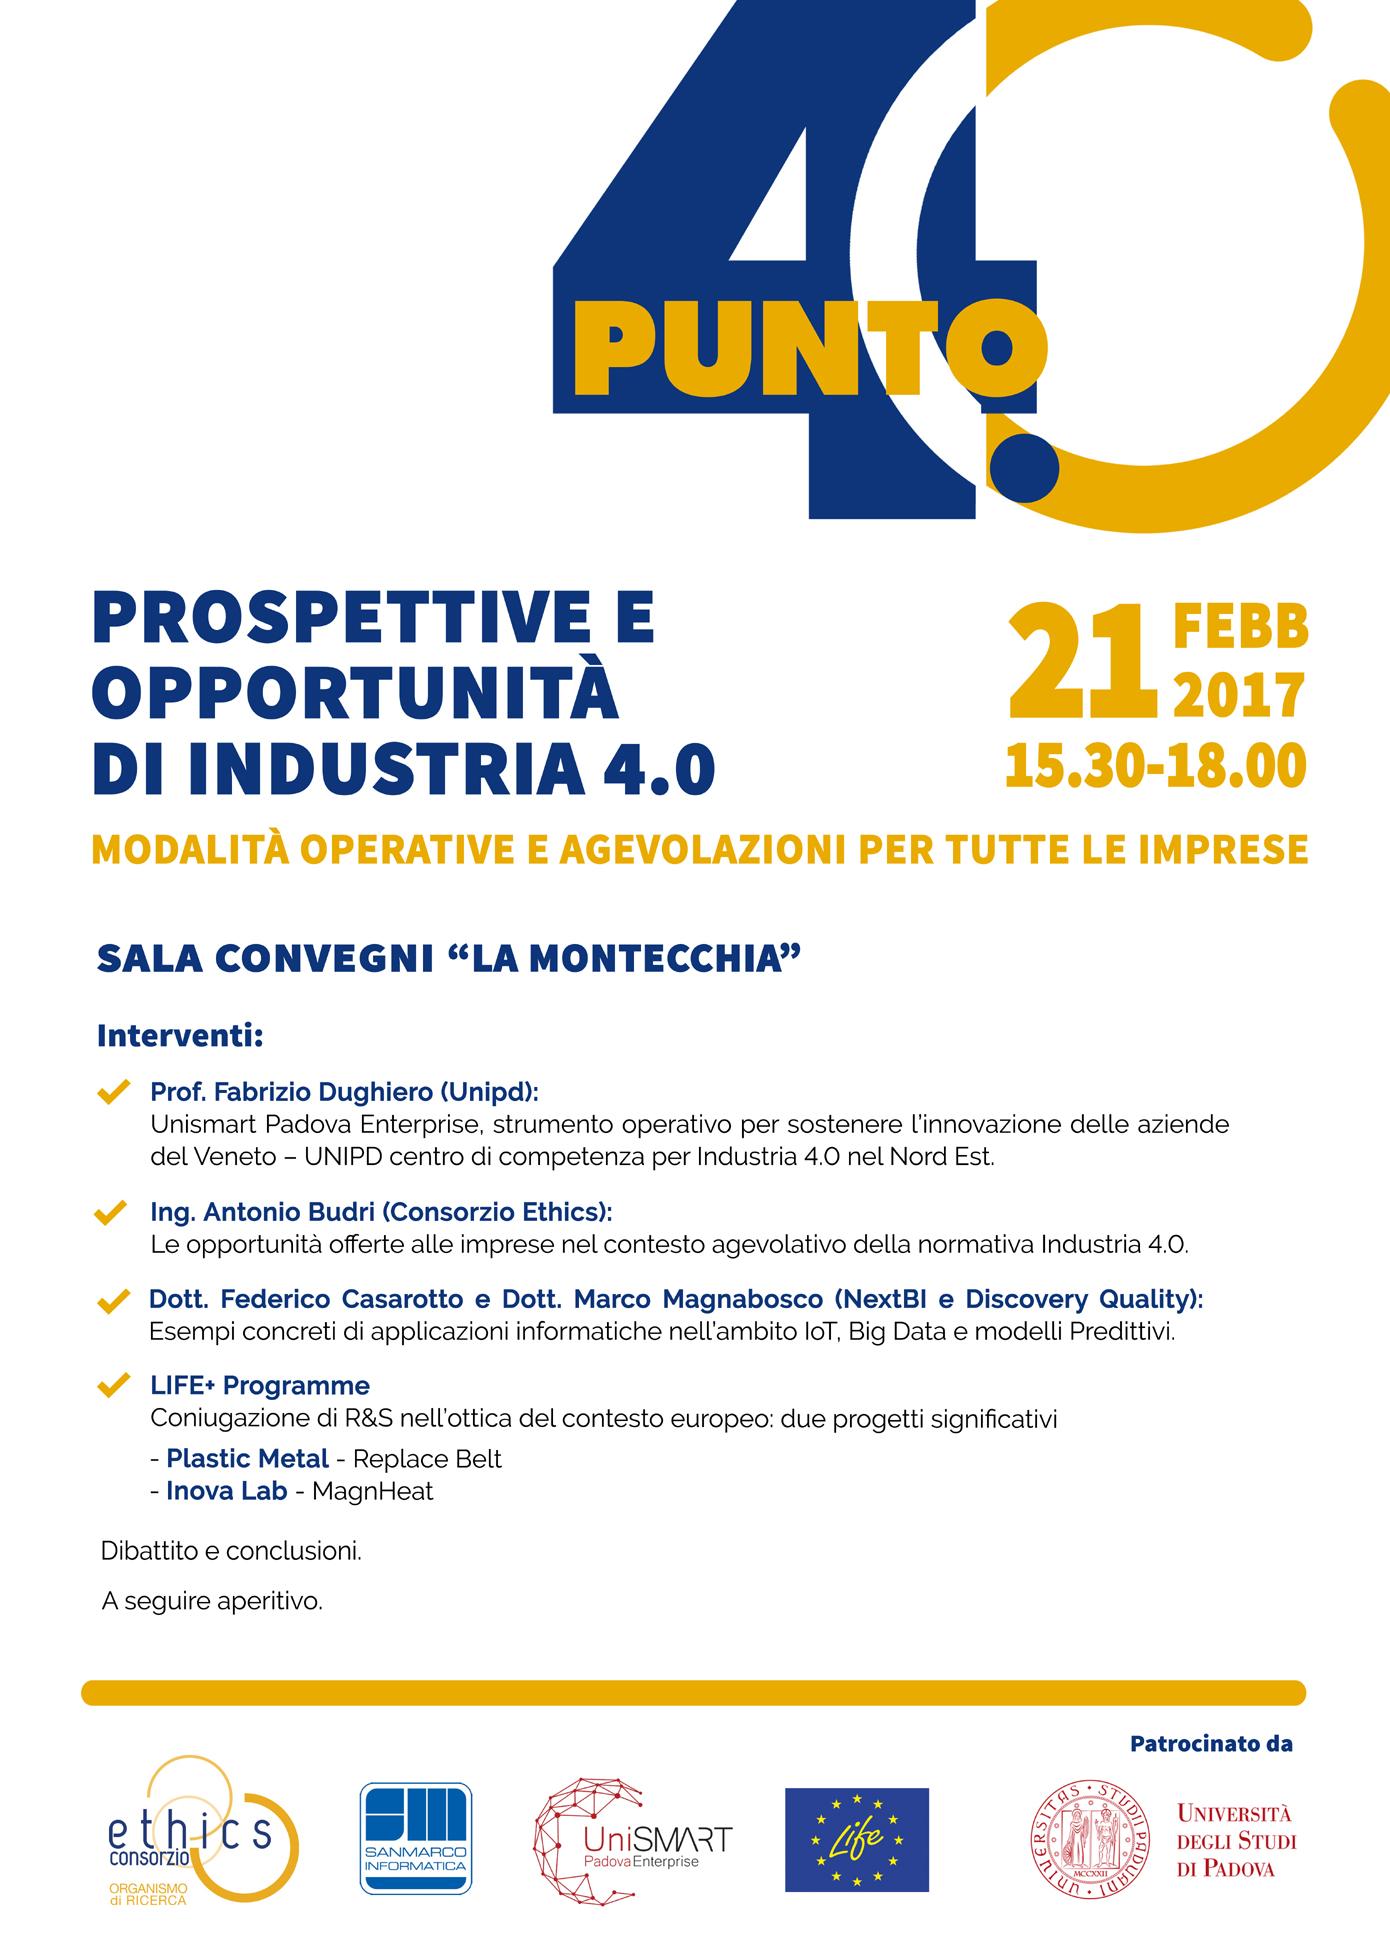 Prospettive e opportunità di Industria 4.0 - locandina